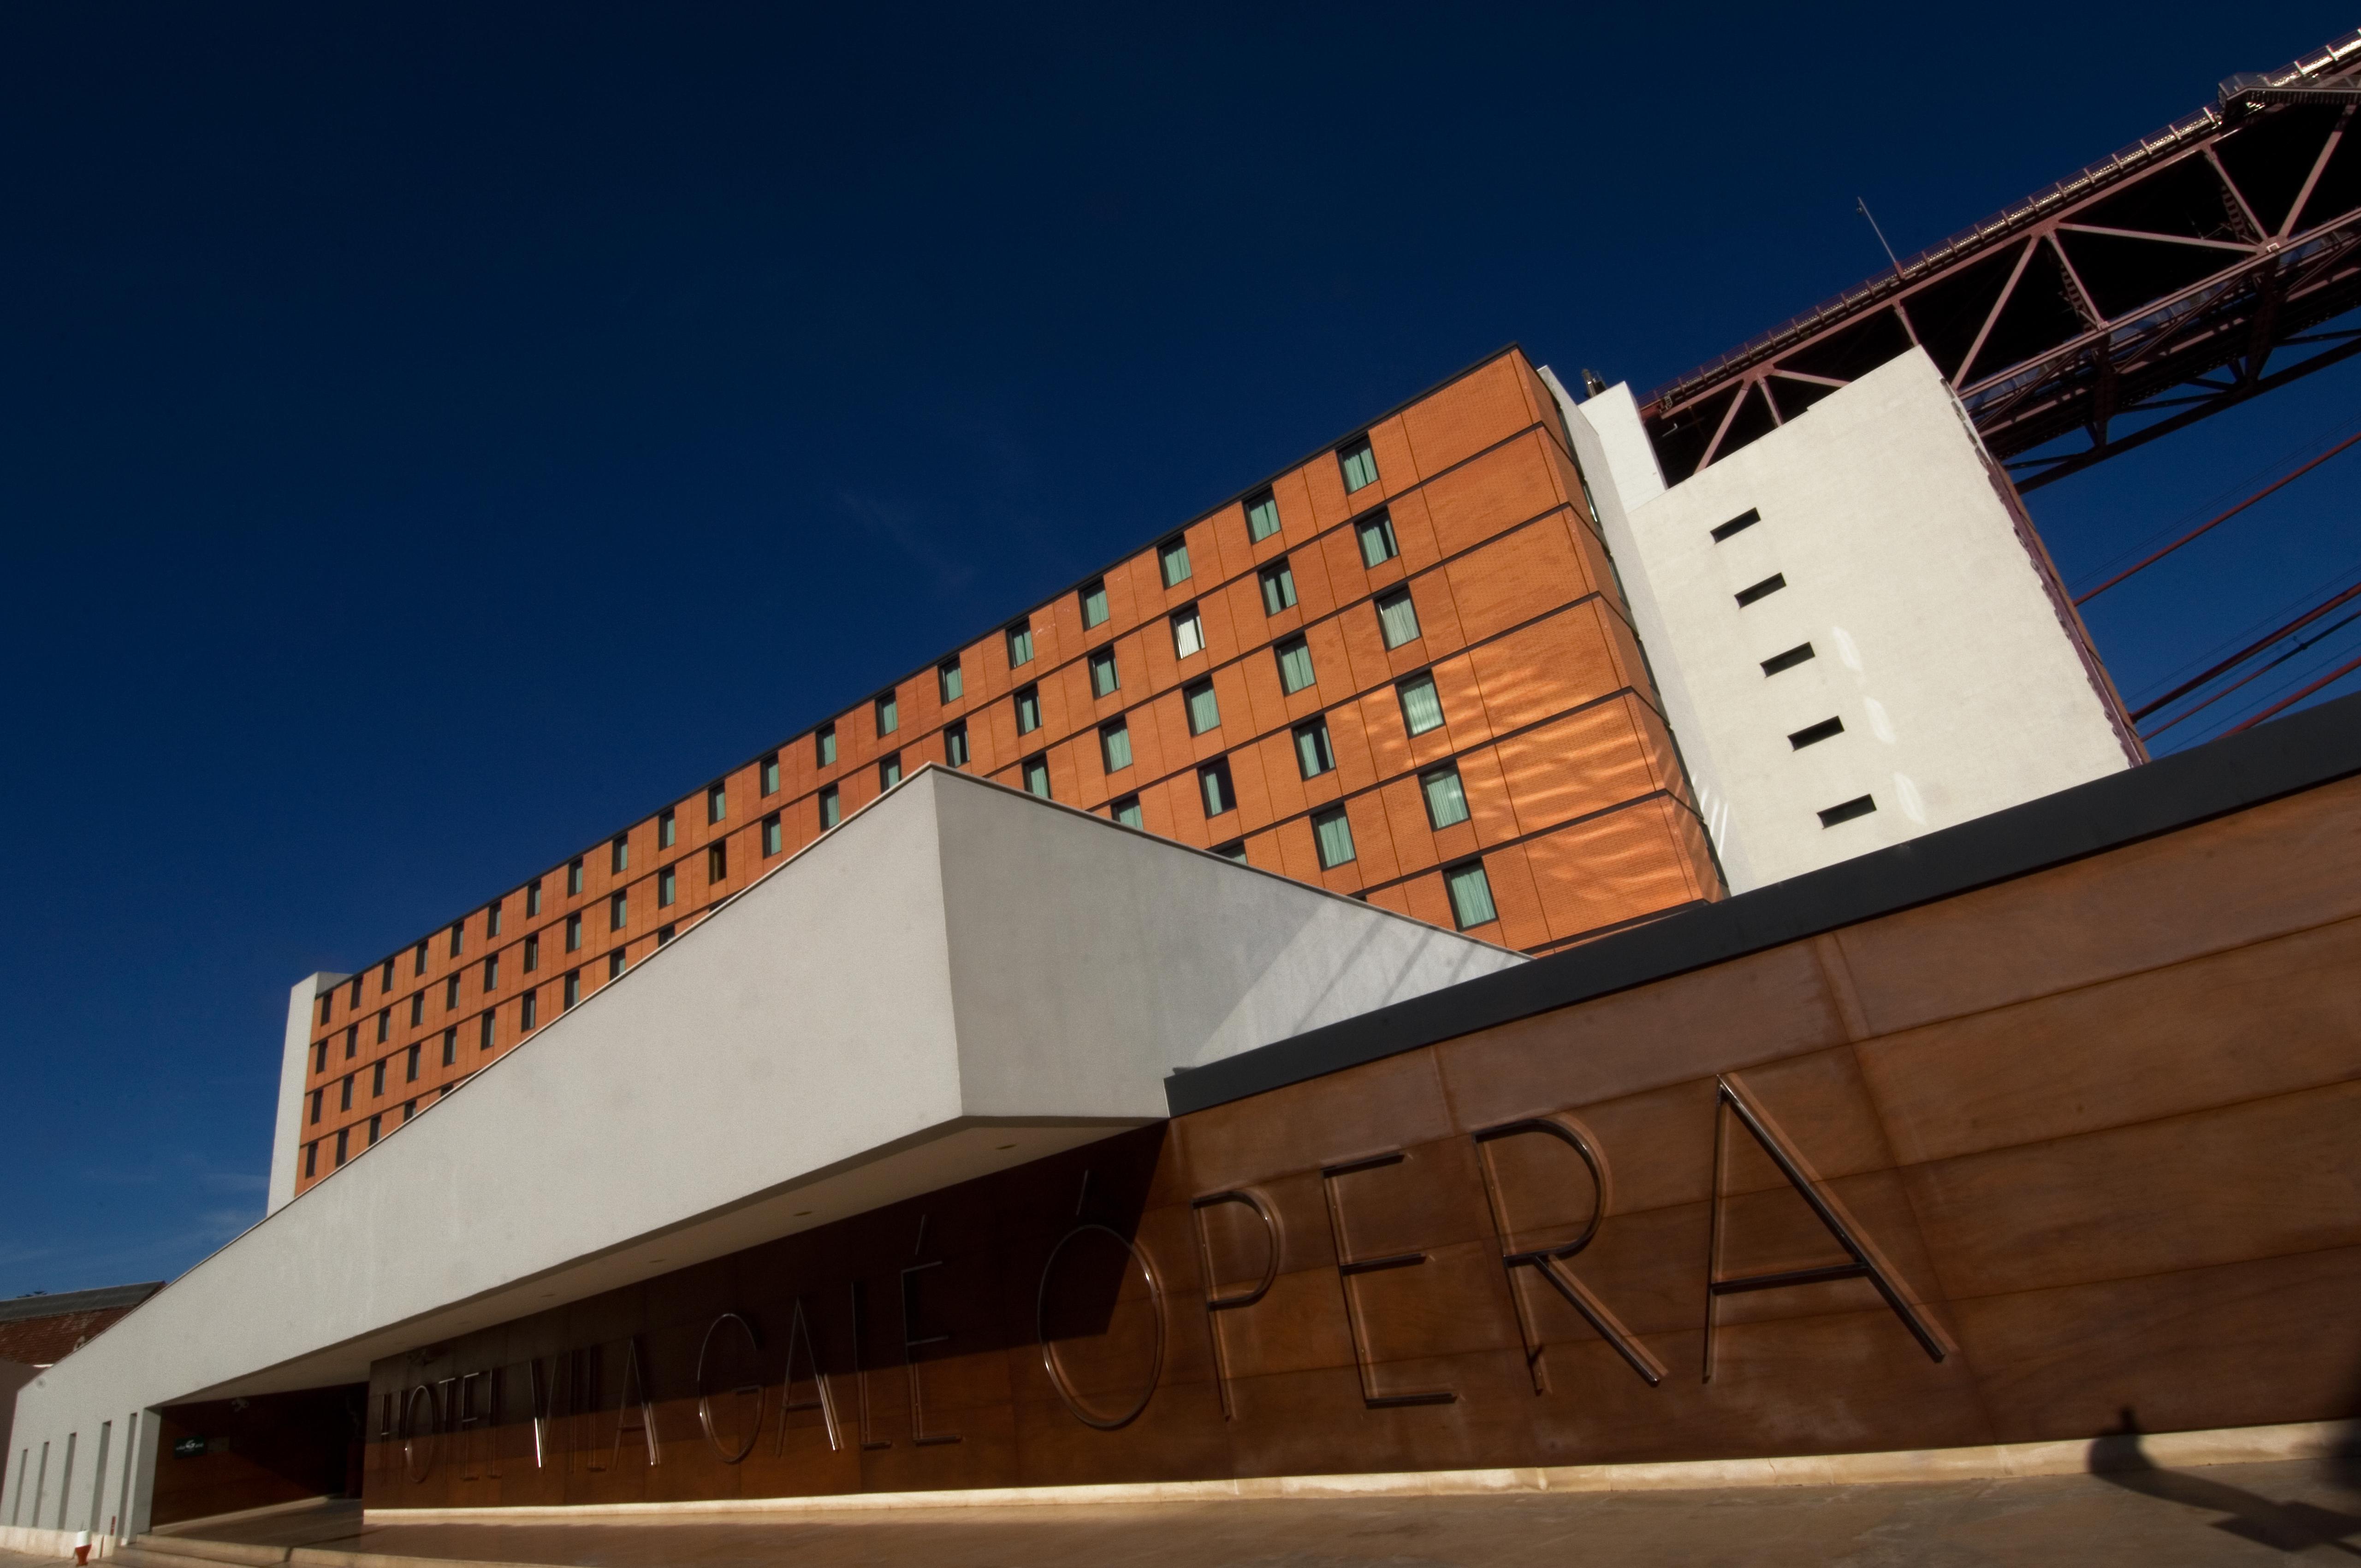 Vila Gal U00e9  U00d3pera Hotel  U2013 Via Portugal